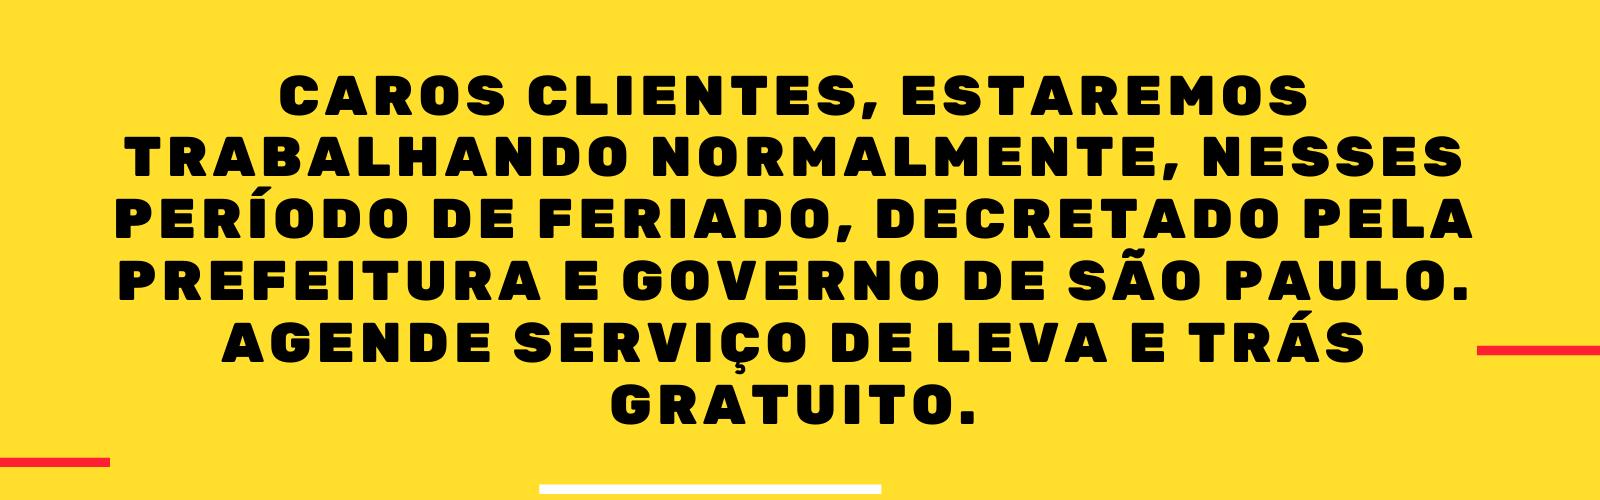 Caros clientes, estaremos trabalhando normalmente, nesses período de feriado, decretado pela prefeitura e governo de São Paulo. Agende serviço de leva e trás gratuito.